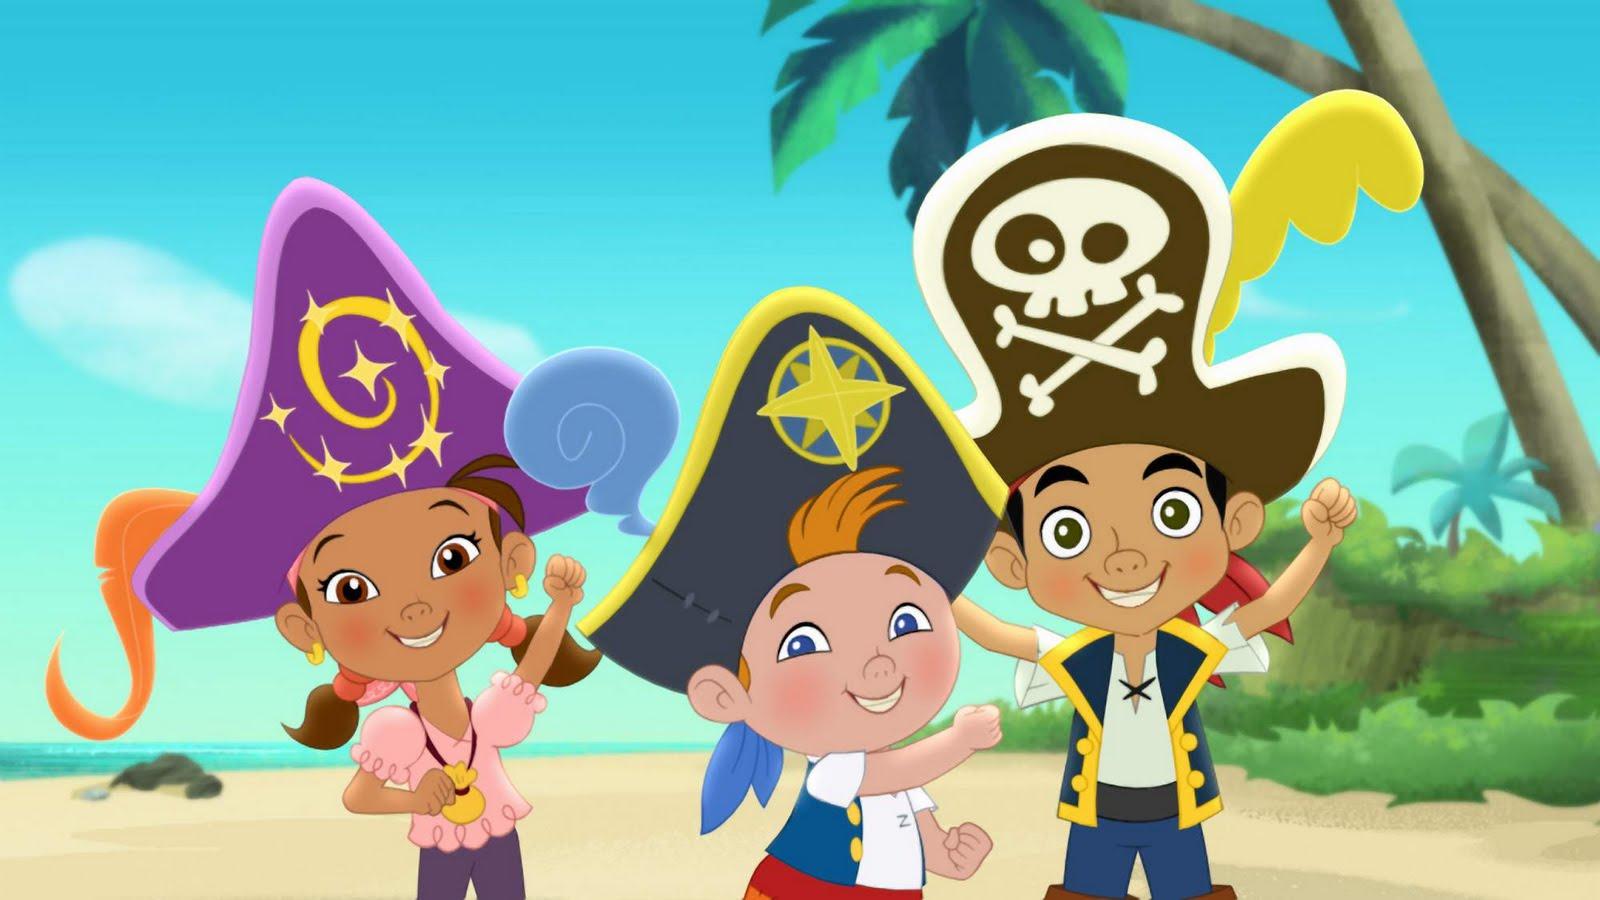 Jake Y Los Piratas Del Pais De Nunca Jamas: Dibujos De